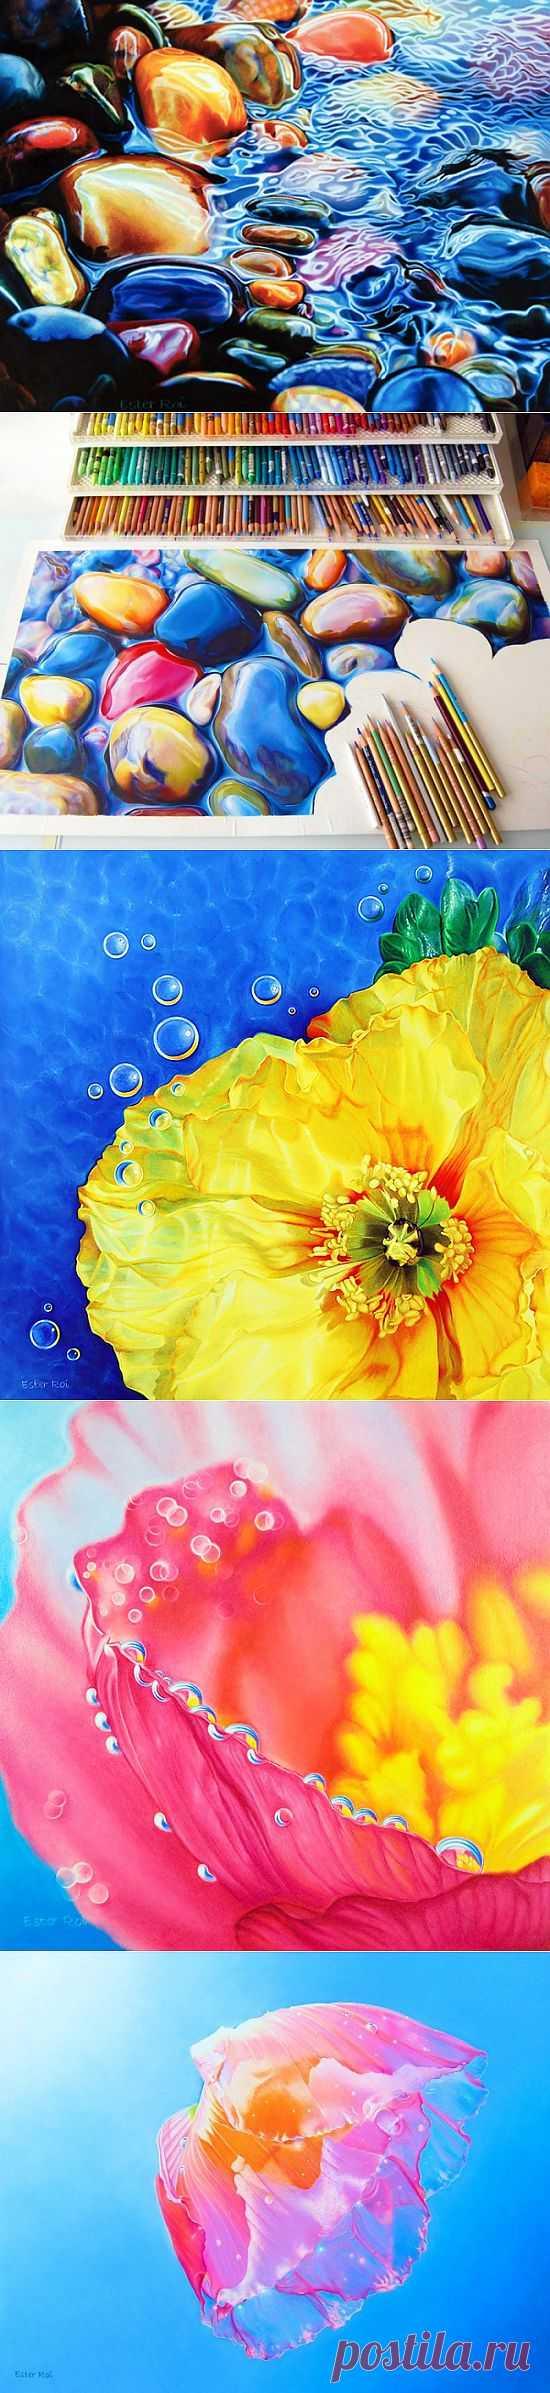 Картины, которые хочется потрогать (ФОТО). Американская художница Эстер Рой рисует при помощи цветных карандашей и воска невероятно реалистичные картины.